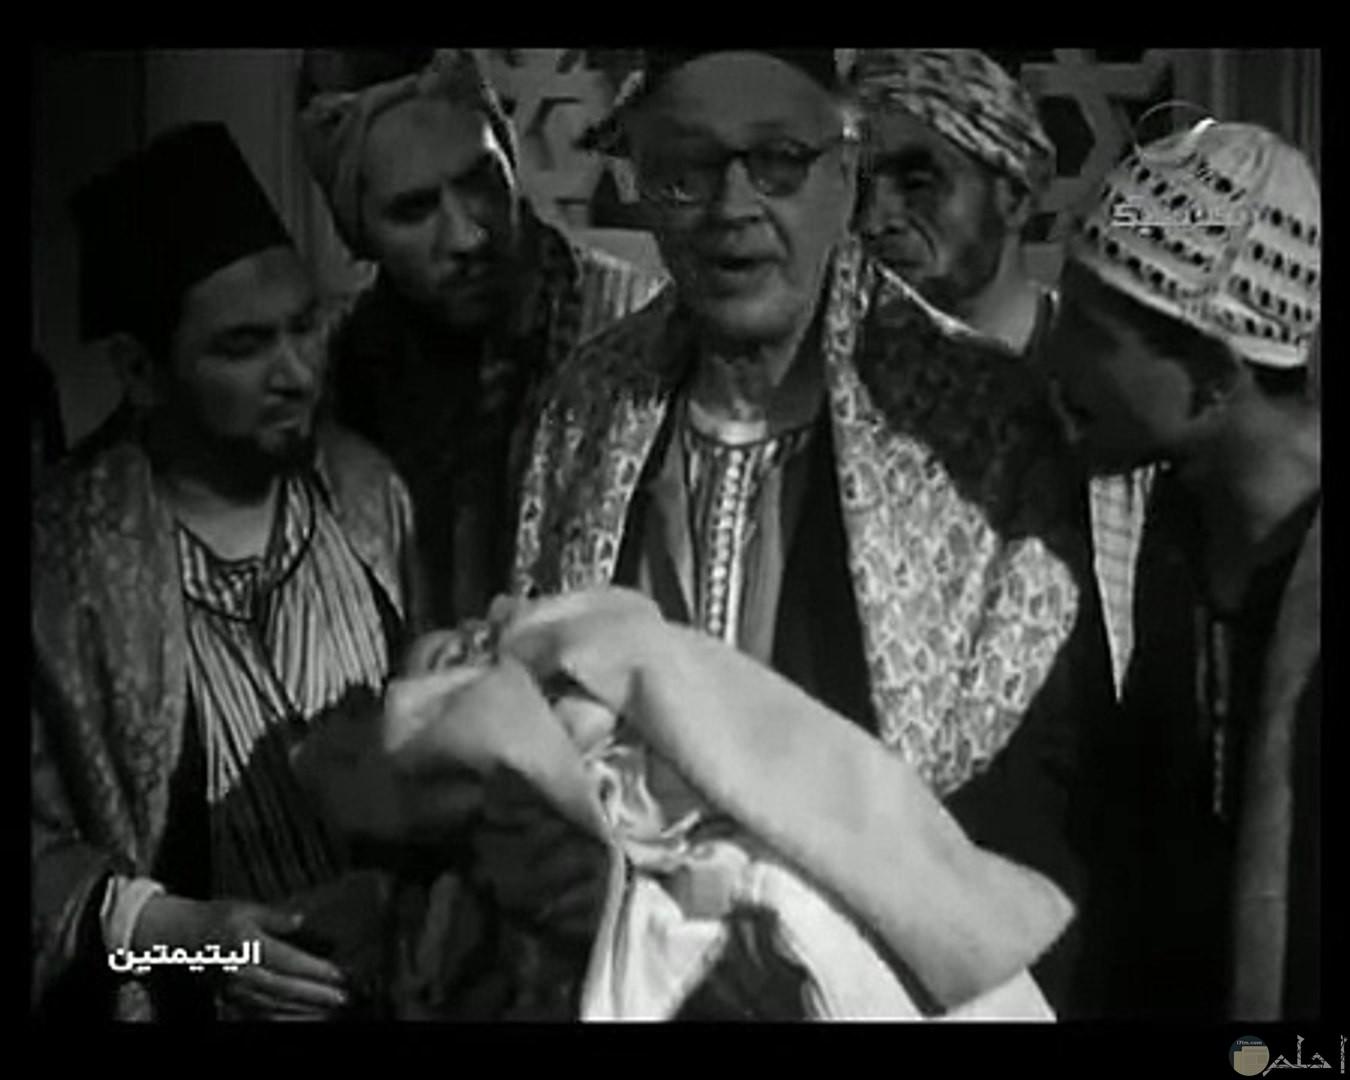 فيلم اليتيمتين.